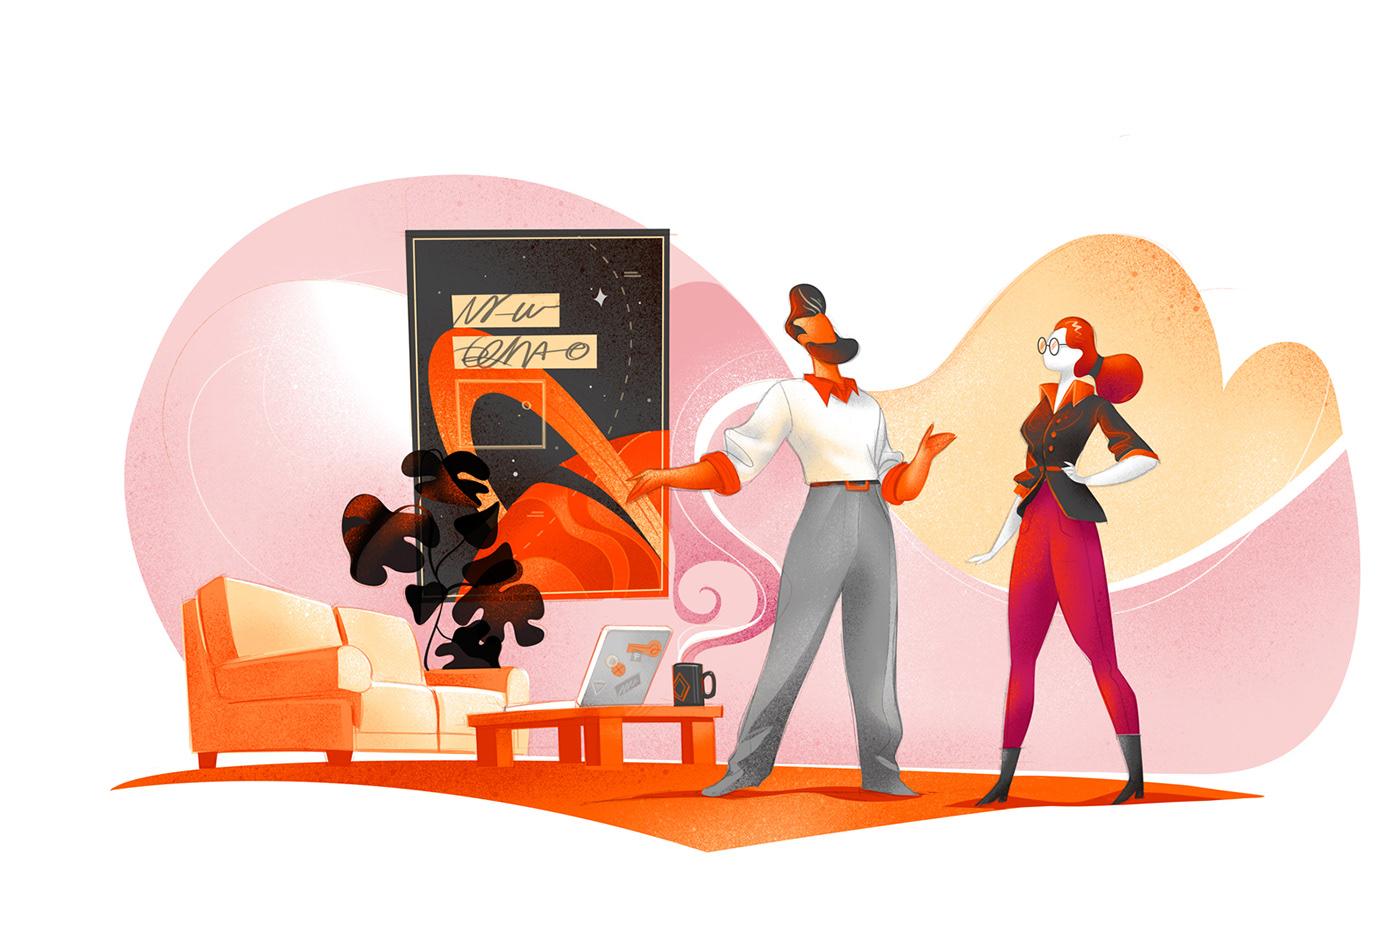 homepage software house digital partner Startup Developers Website ILLUSTRATION